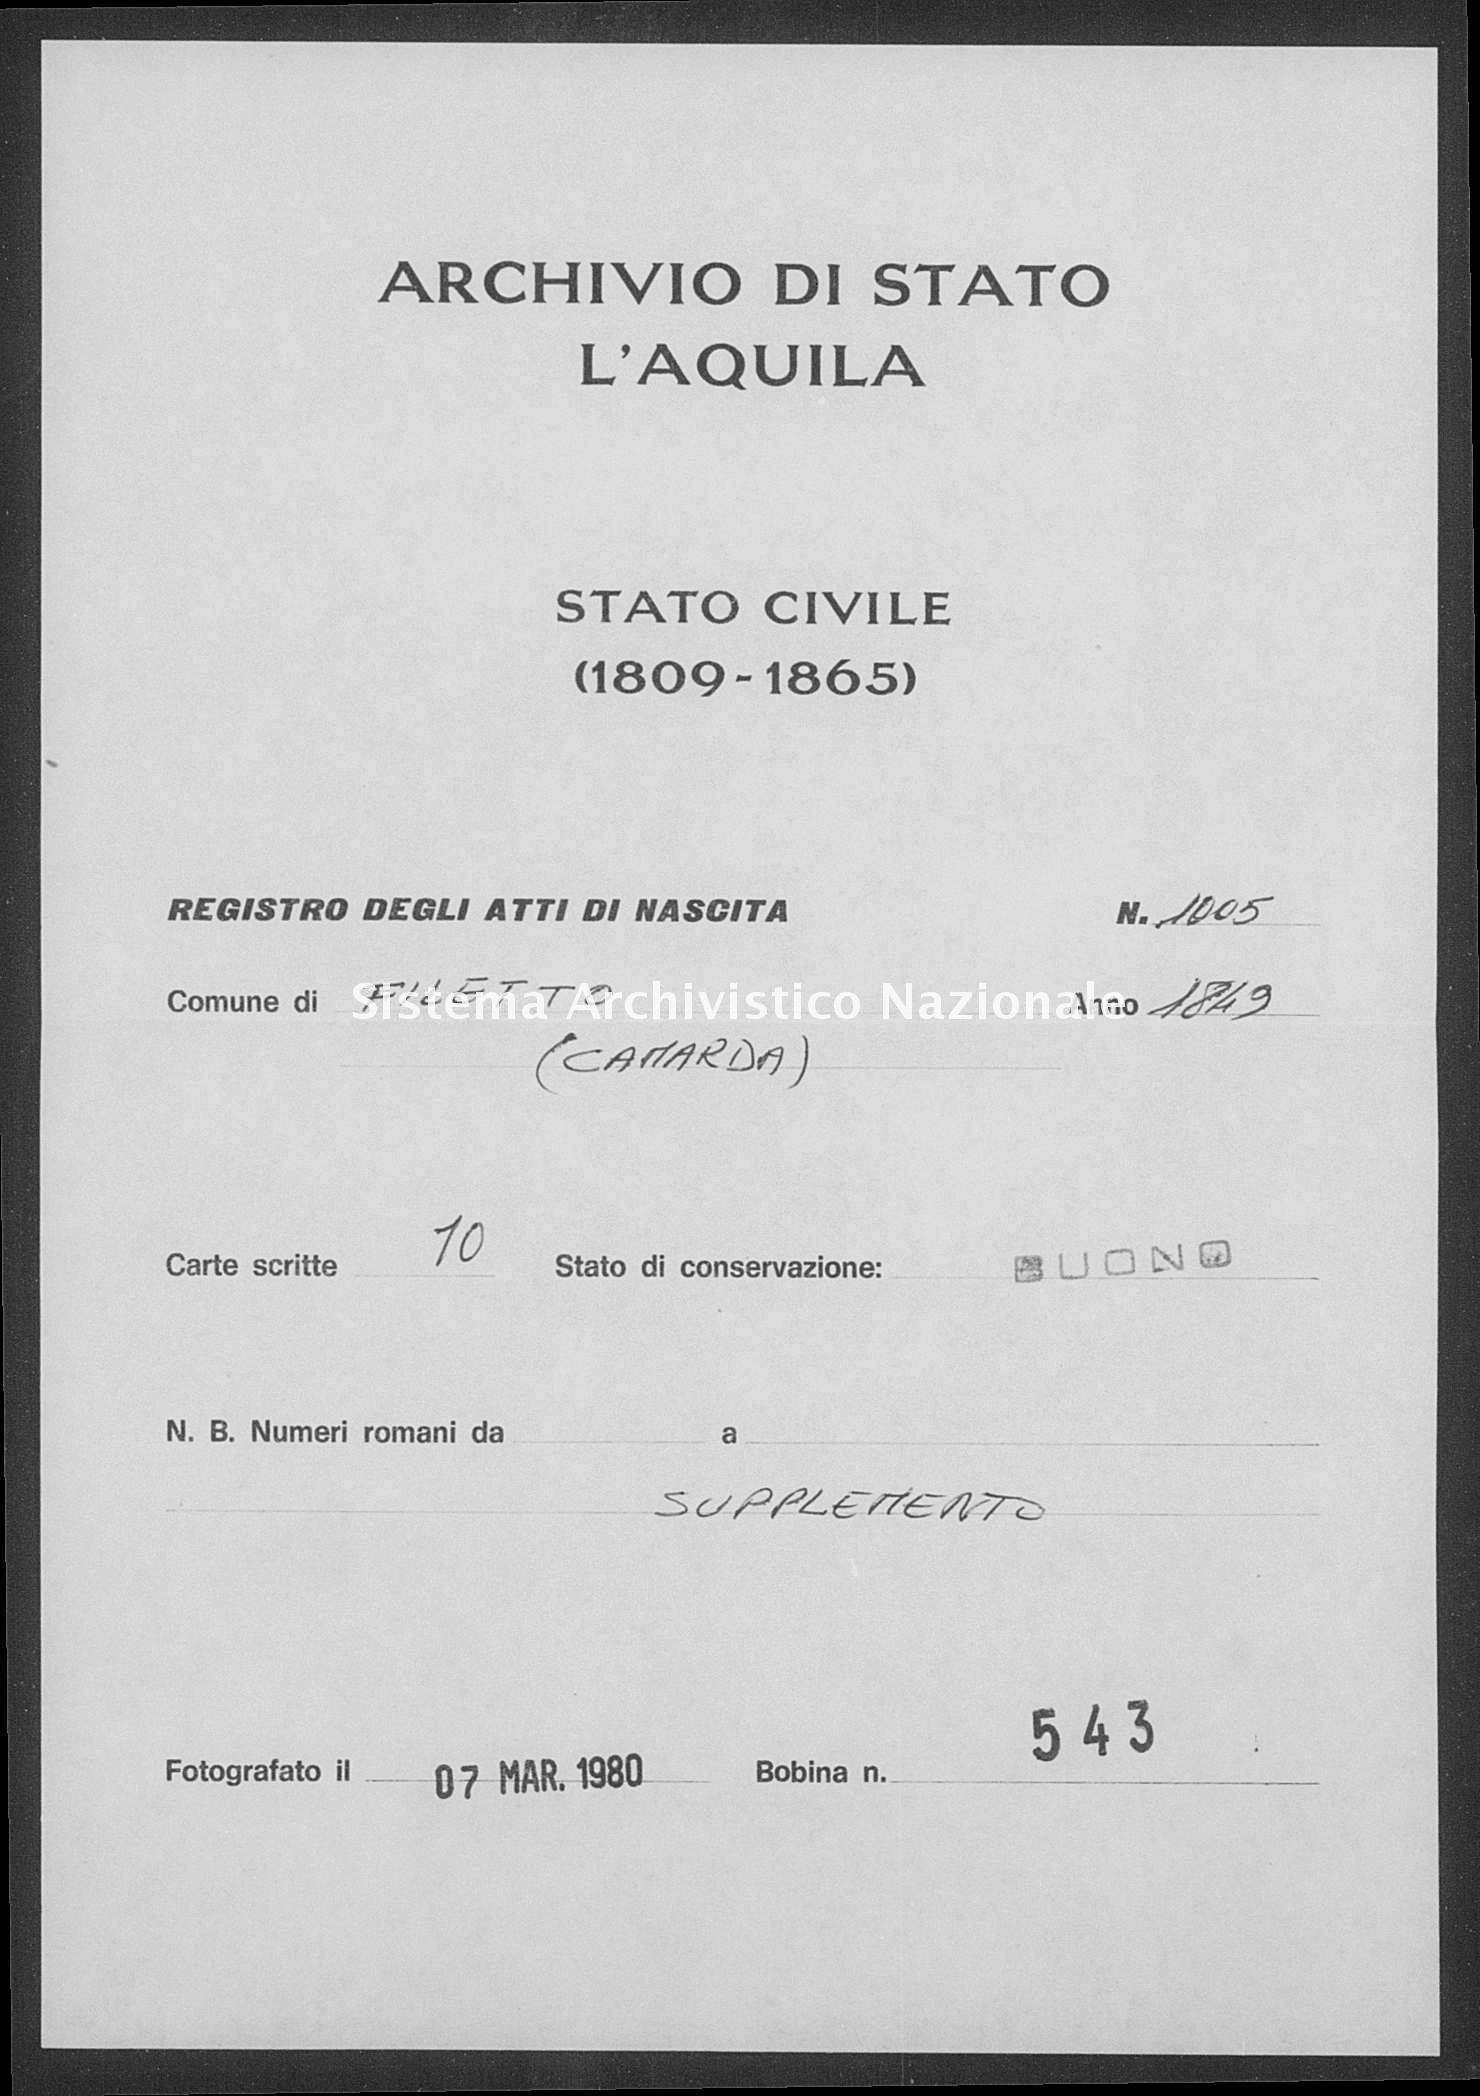 Archivio di stato di L'aquila - Stato civile della restaurazione - Filetto - Nati, battesimi - 1849 - 1005 -